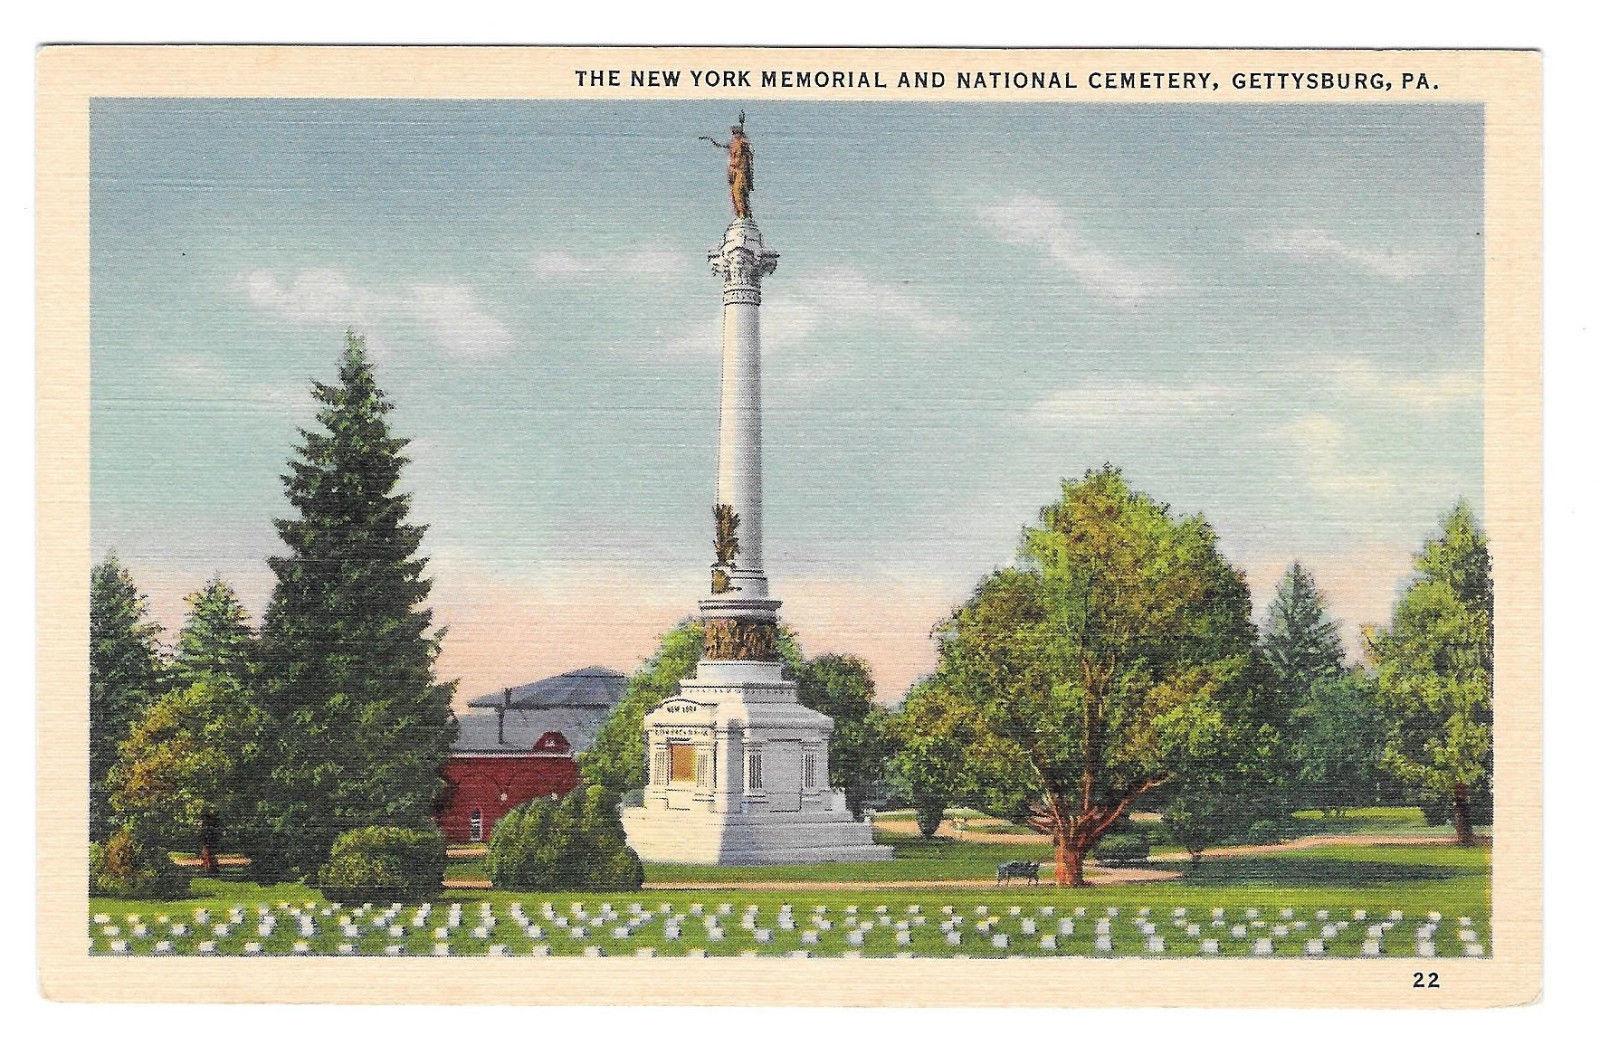 PA Gettysburg Civil War New York Memorial National Cemetery Vtg Linen Postcard